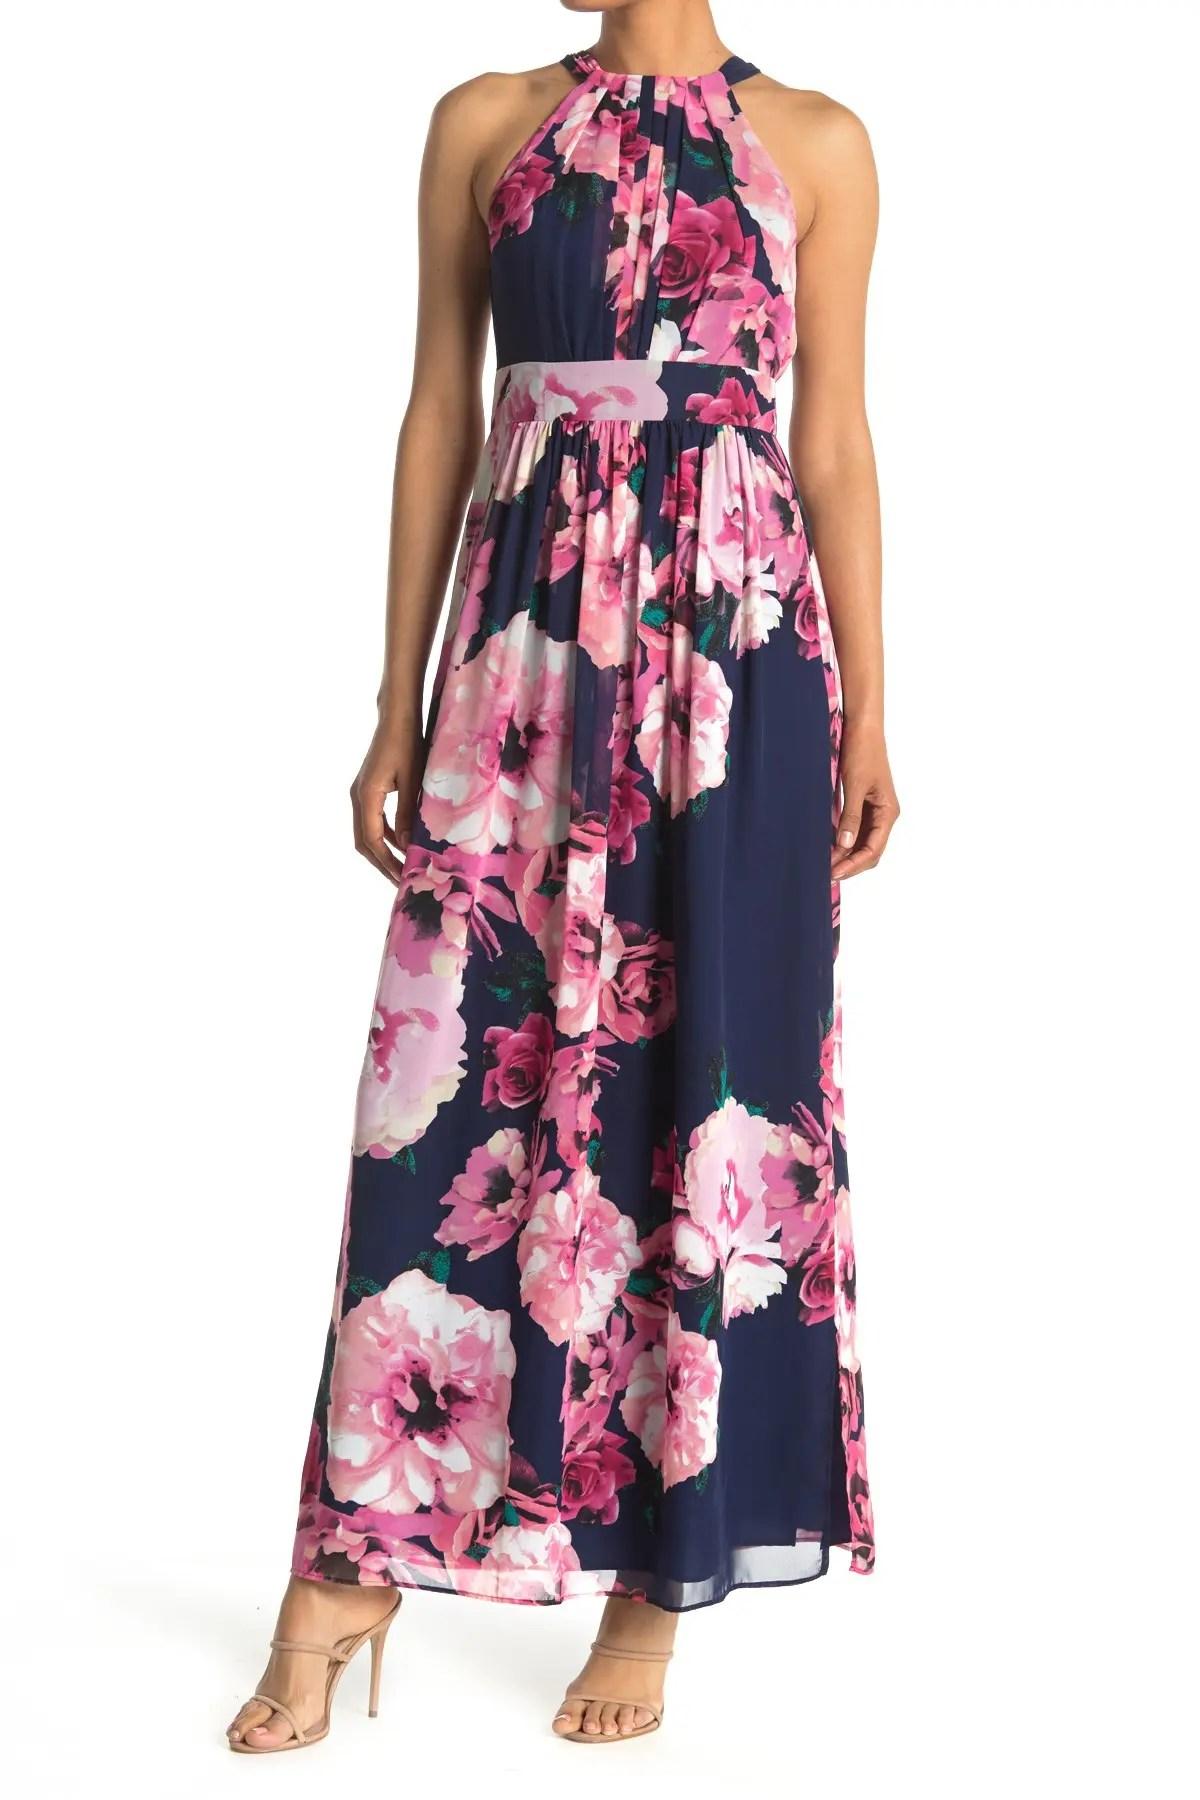 eliza j floral printed halter maxi dress nordstrom rack